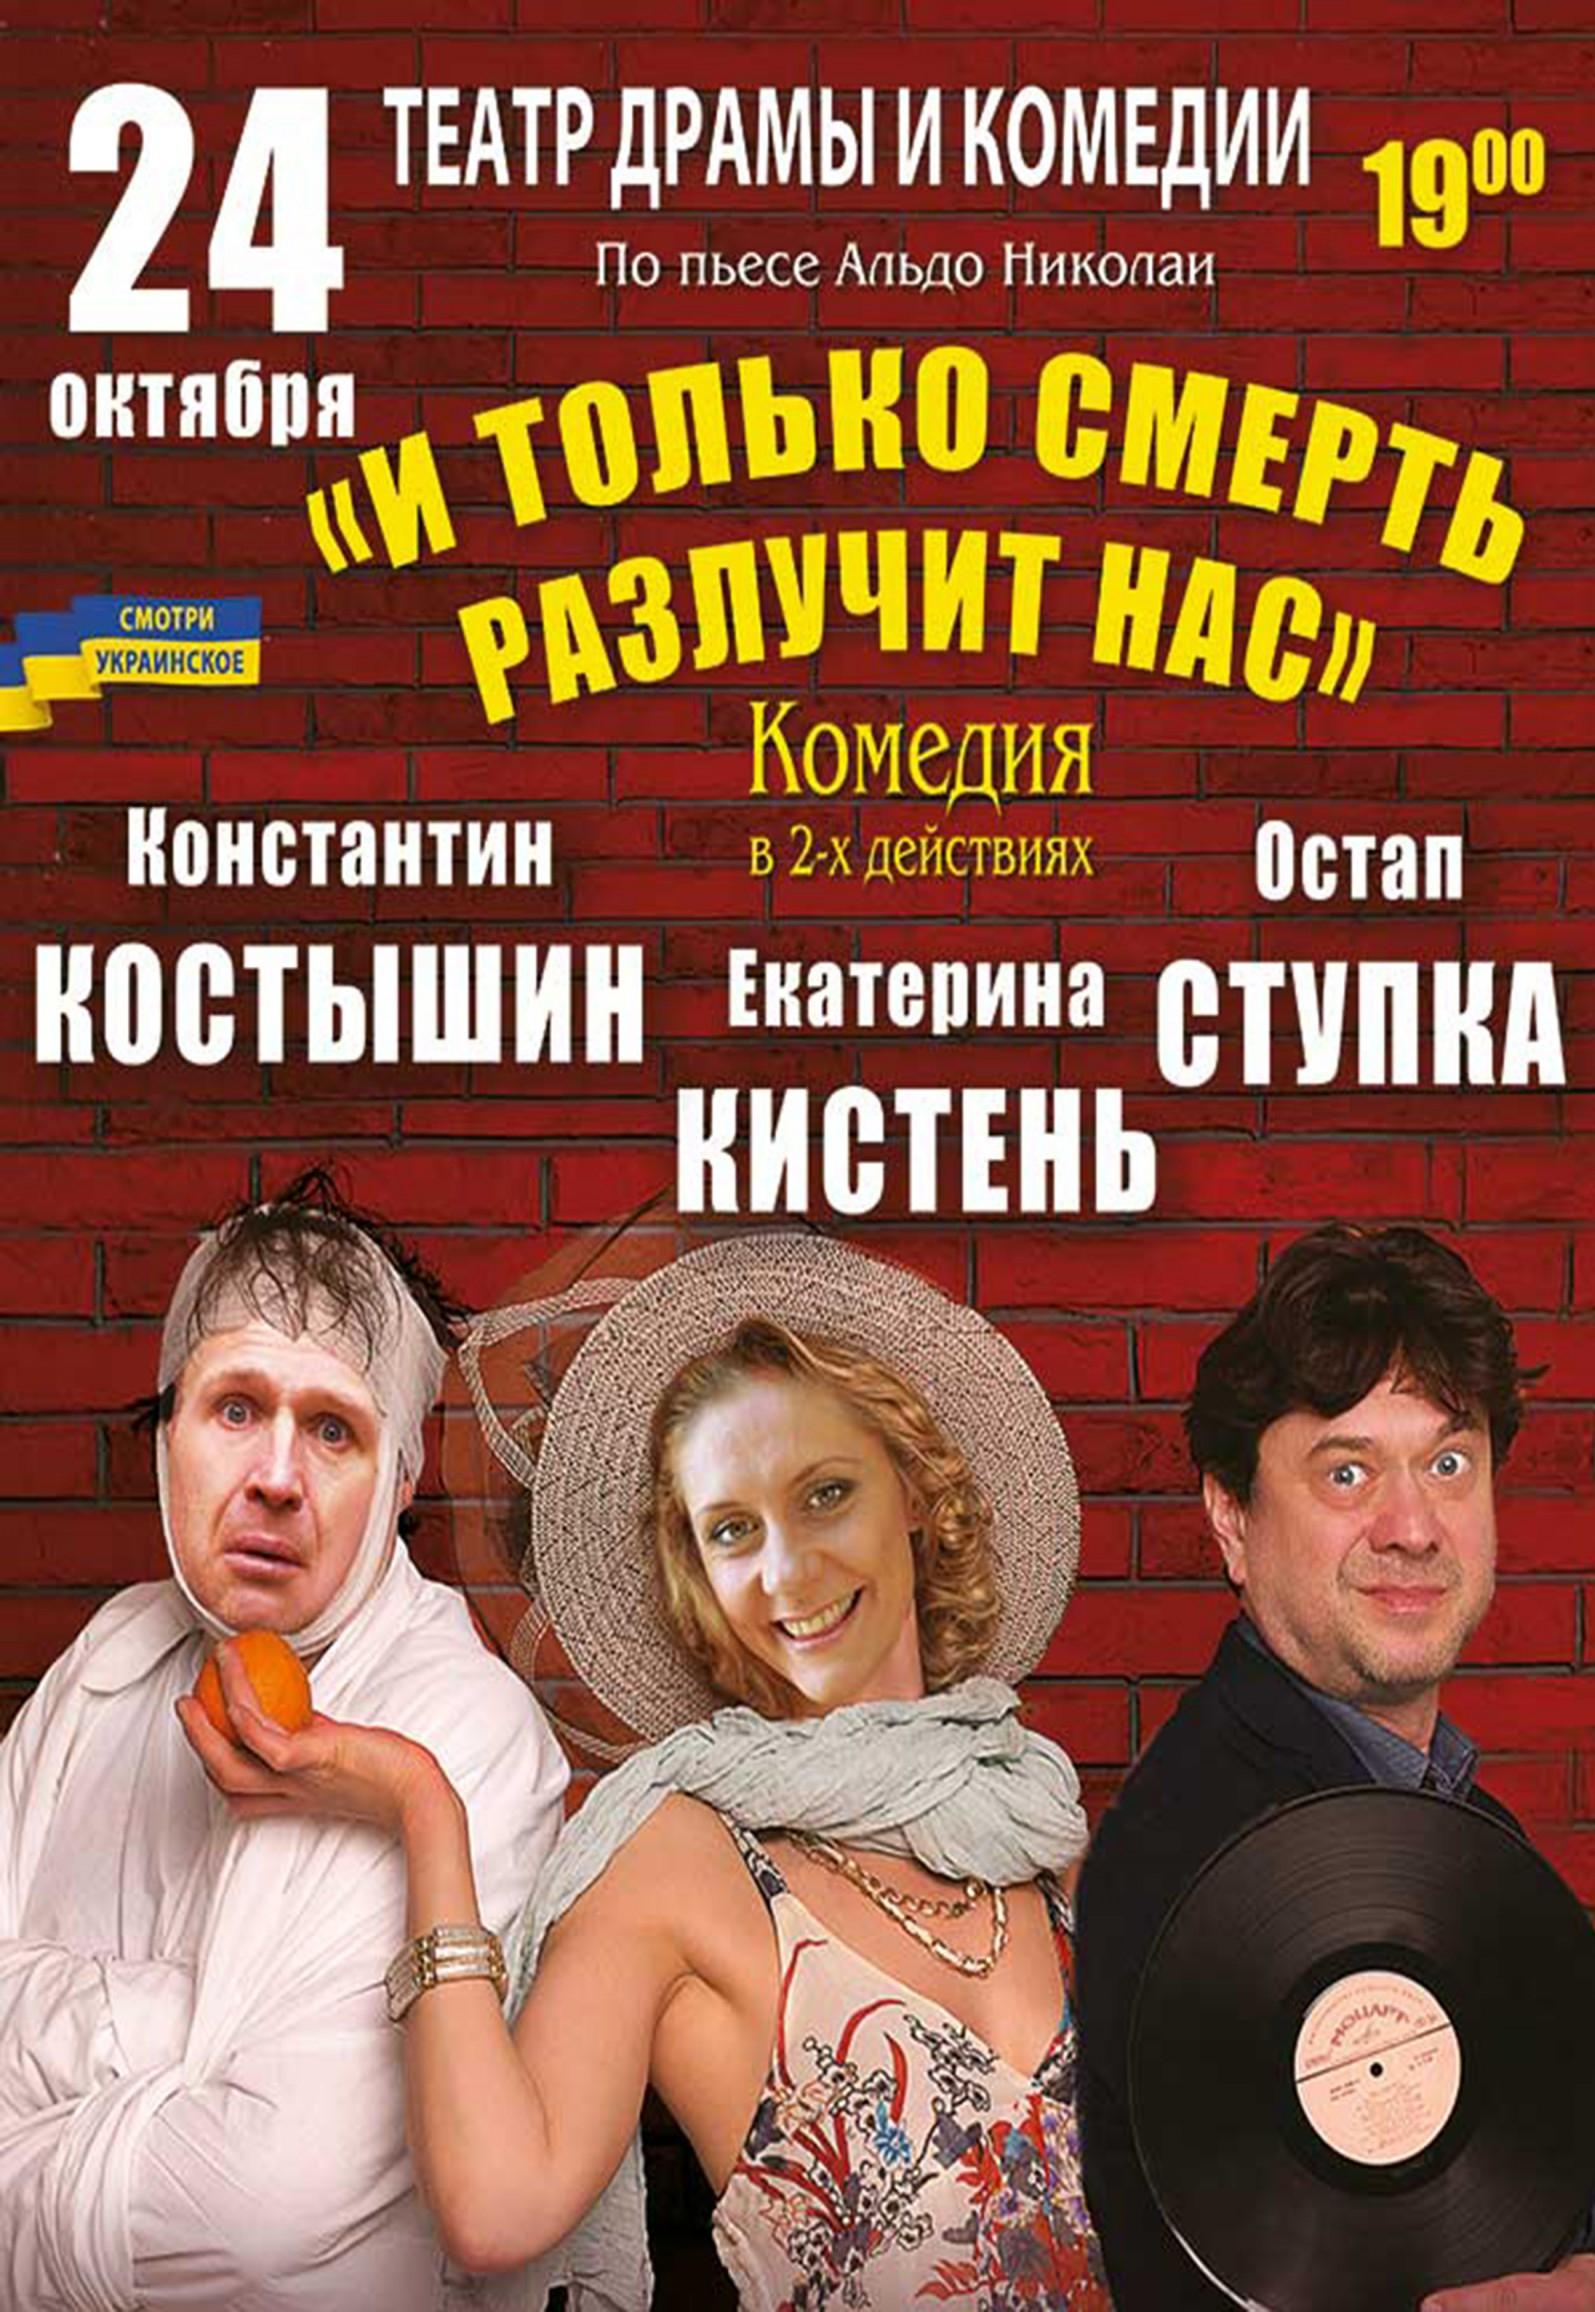 Билеты в театр 24 октября билеты на концерт купить в одинцово